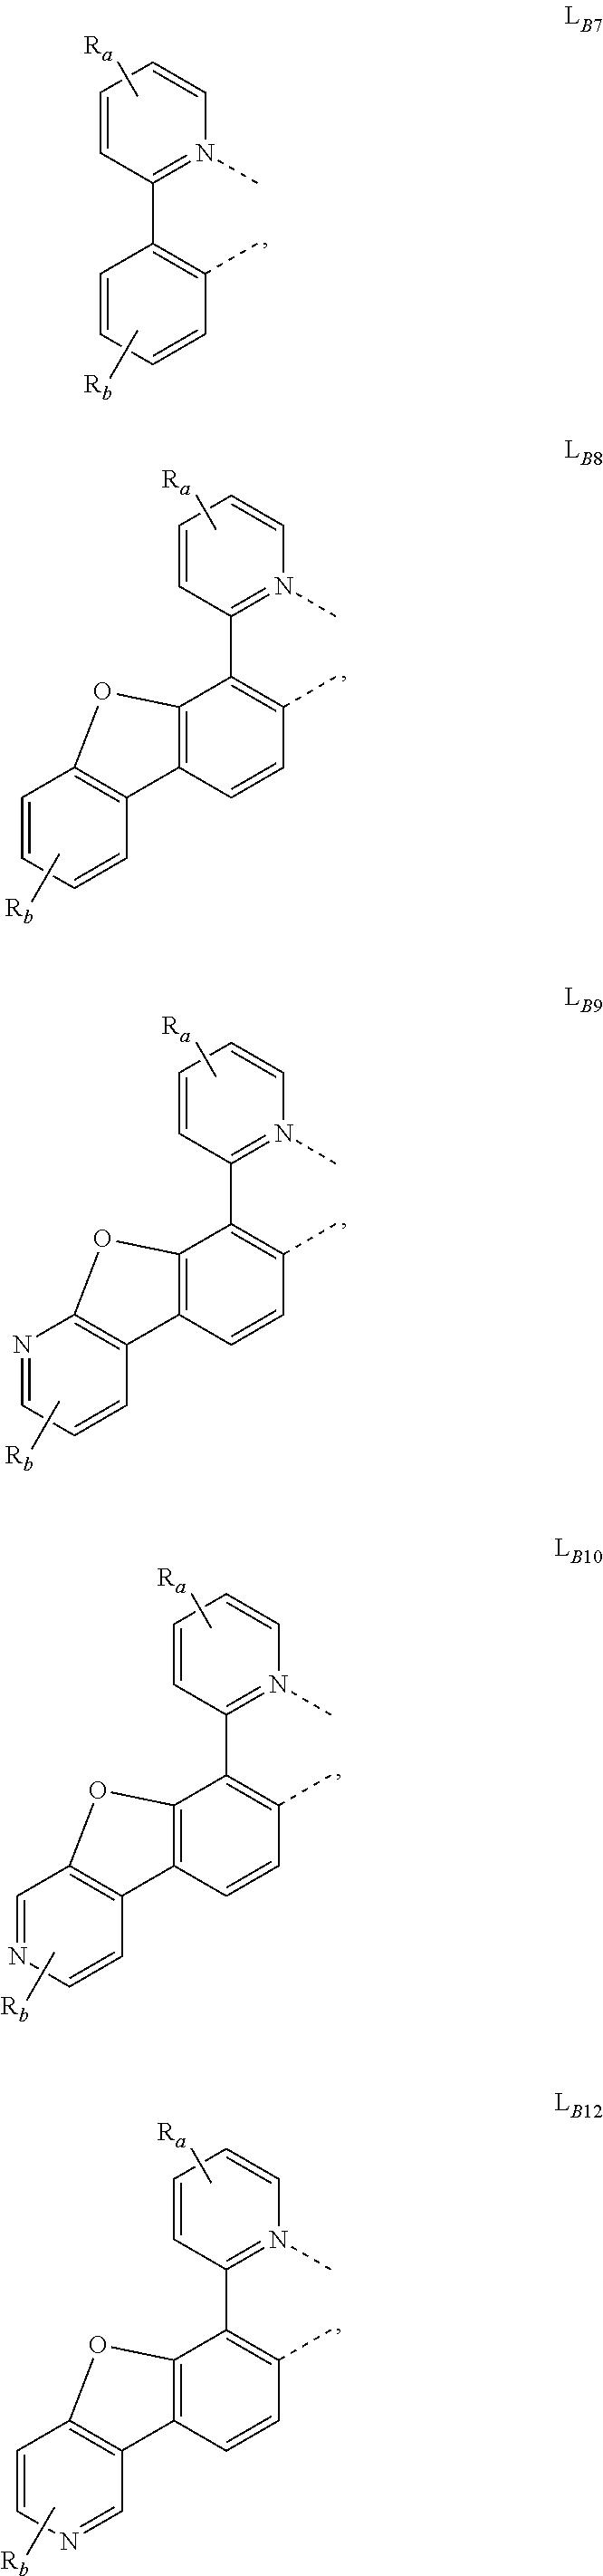 Figure US10121975-20181106-C00224